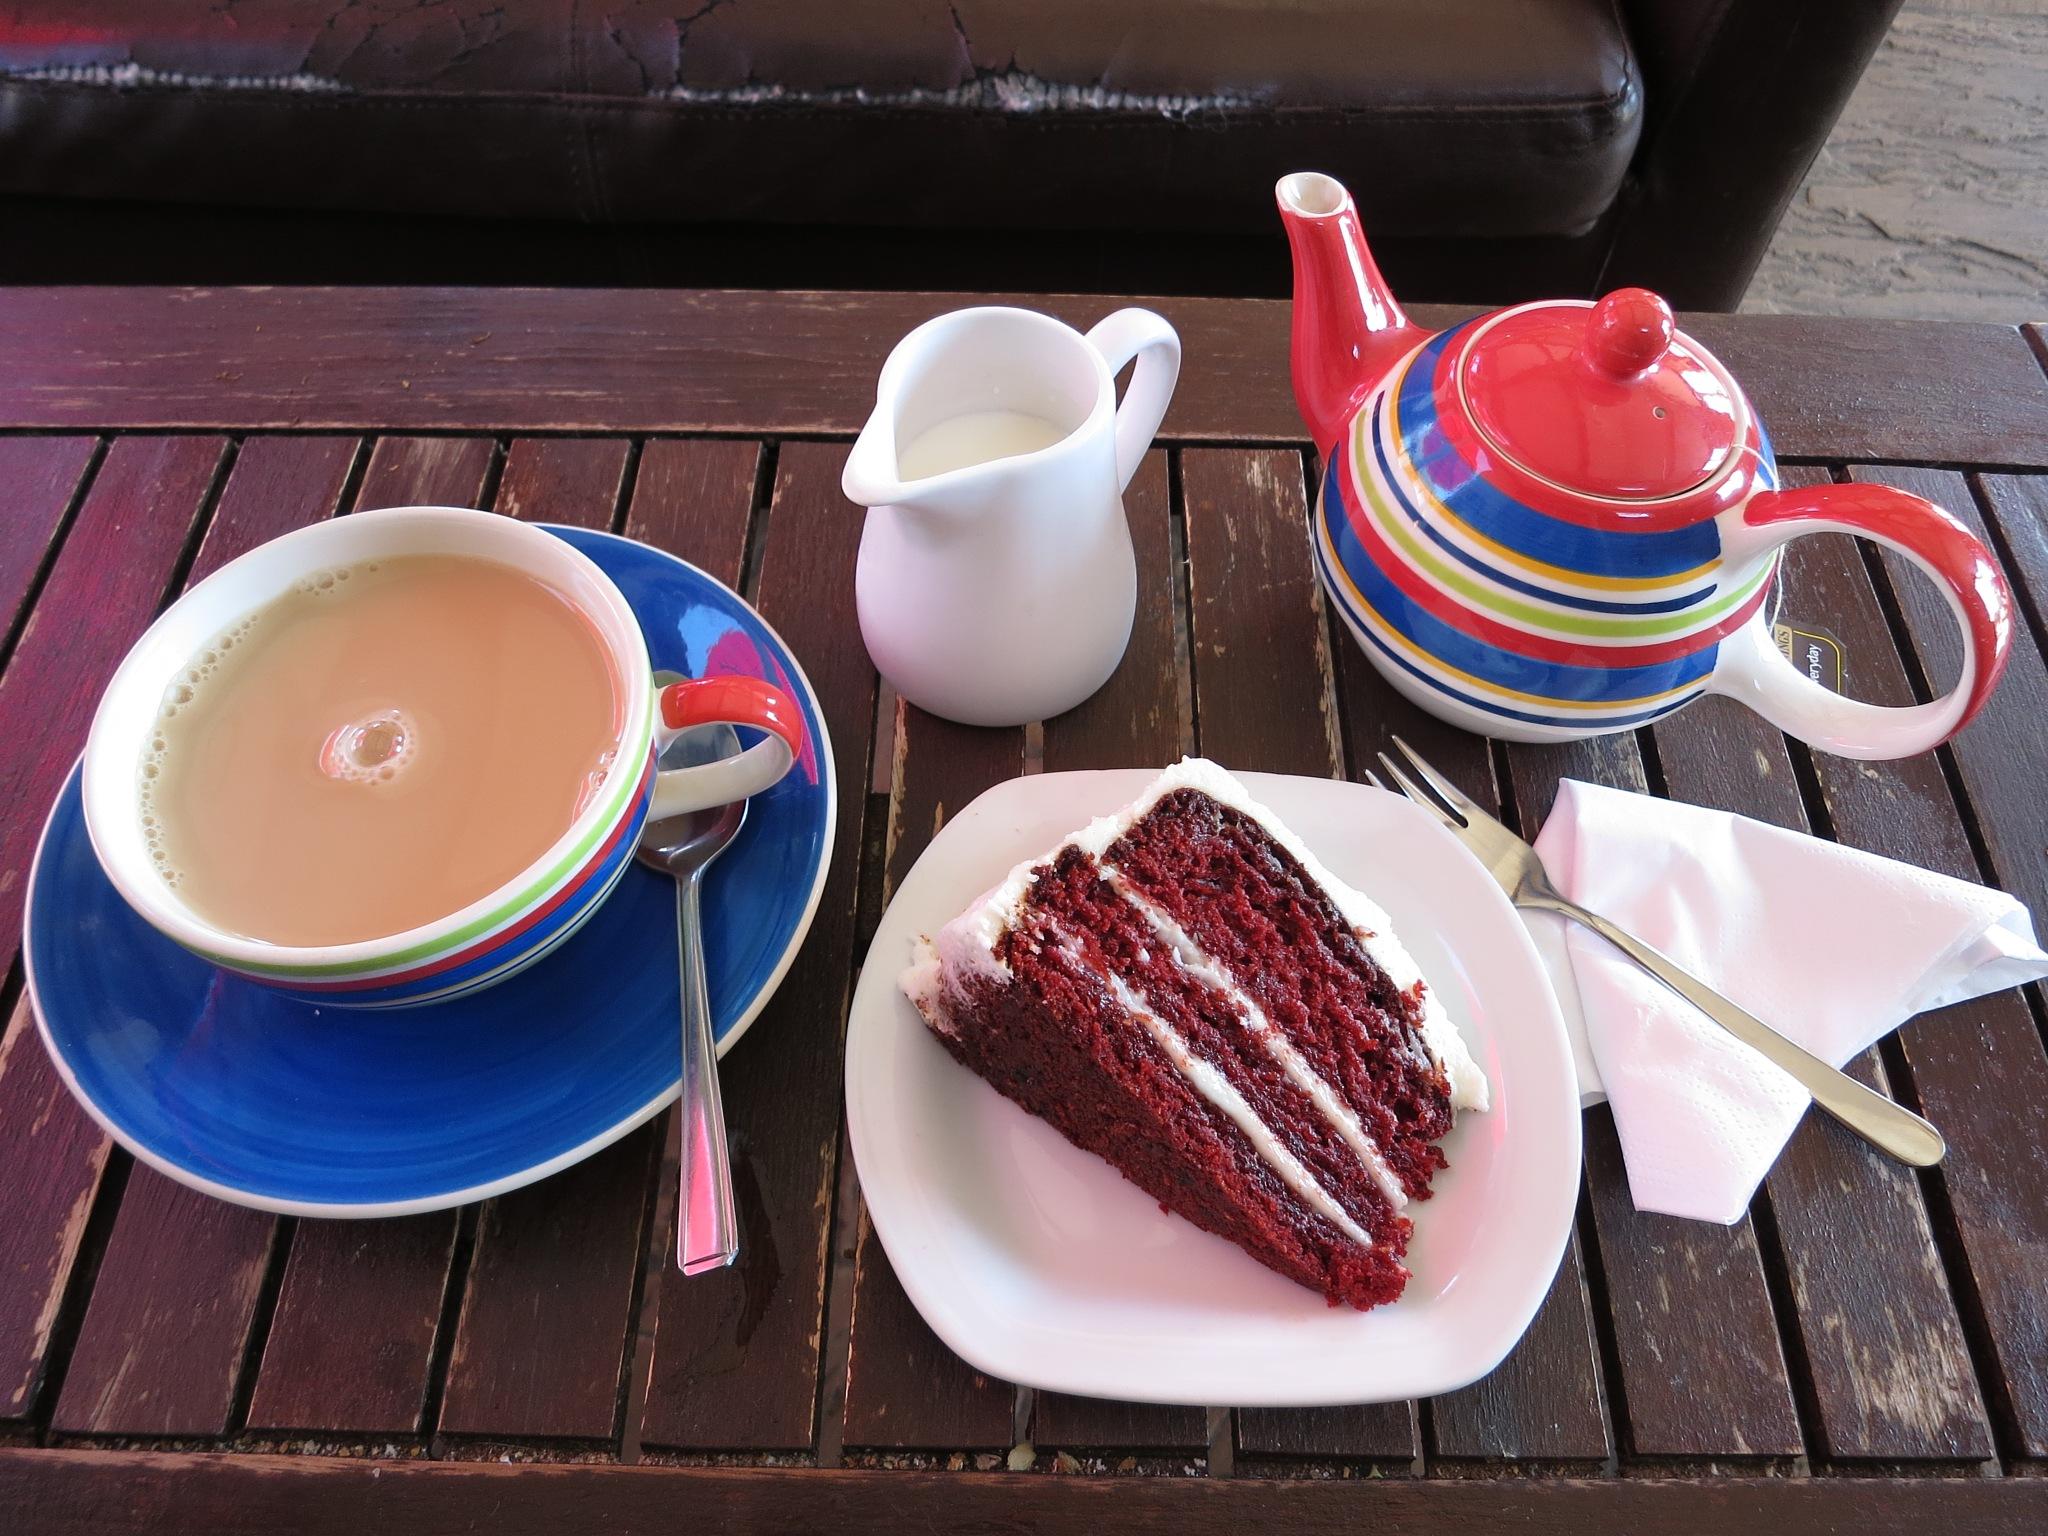 Tea and Red Velvet Cake by GraemeLeePollard